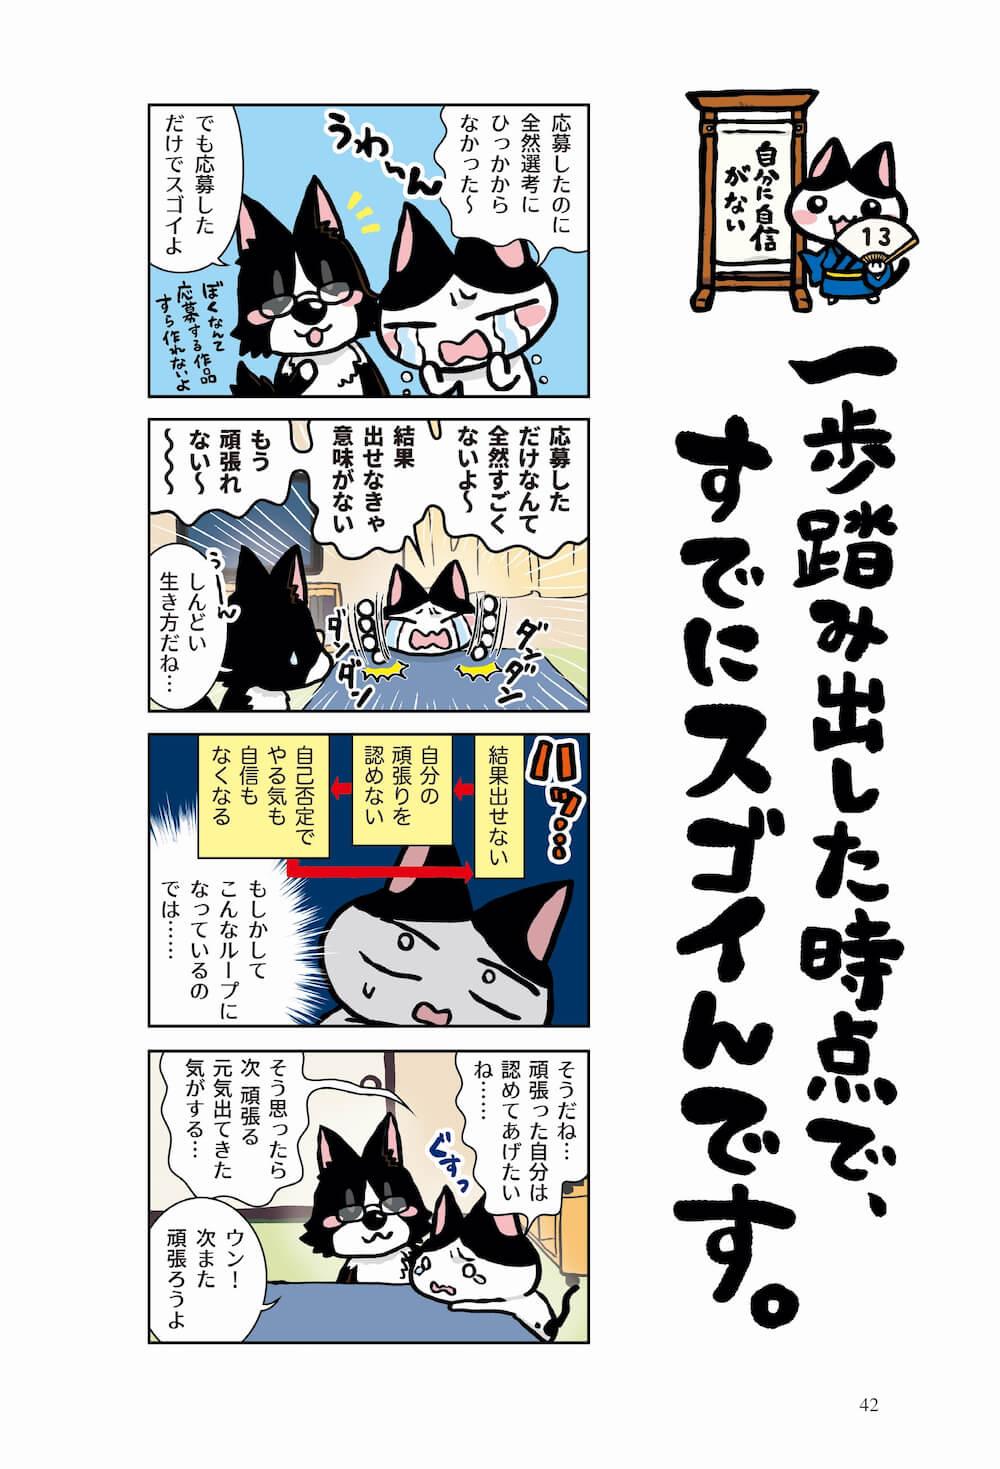 書籍『疲れたら休めばいい、ということが何故こんなにもヘタクソなのだろう。』に収録されている猫の4コマ漫画